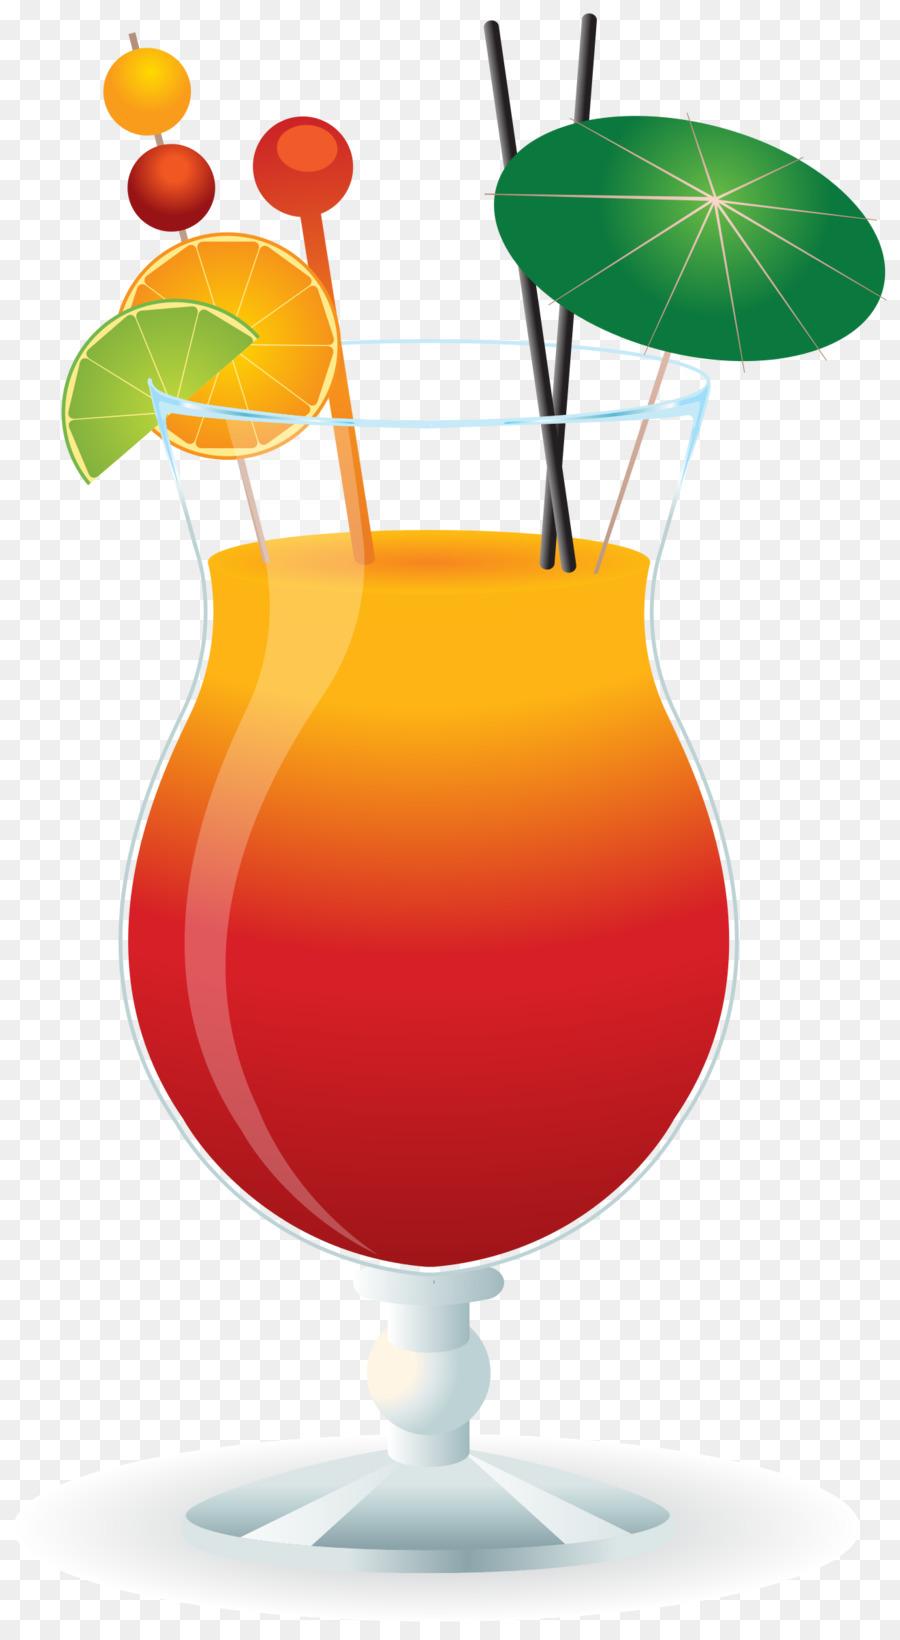 Margarita martini clip art. Cocktail clipart juice